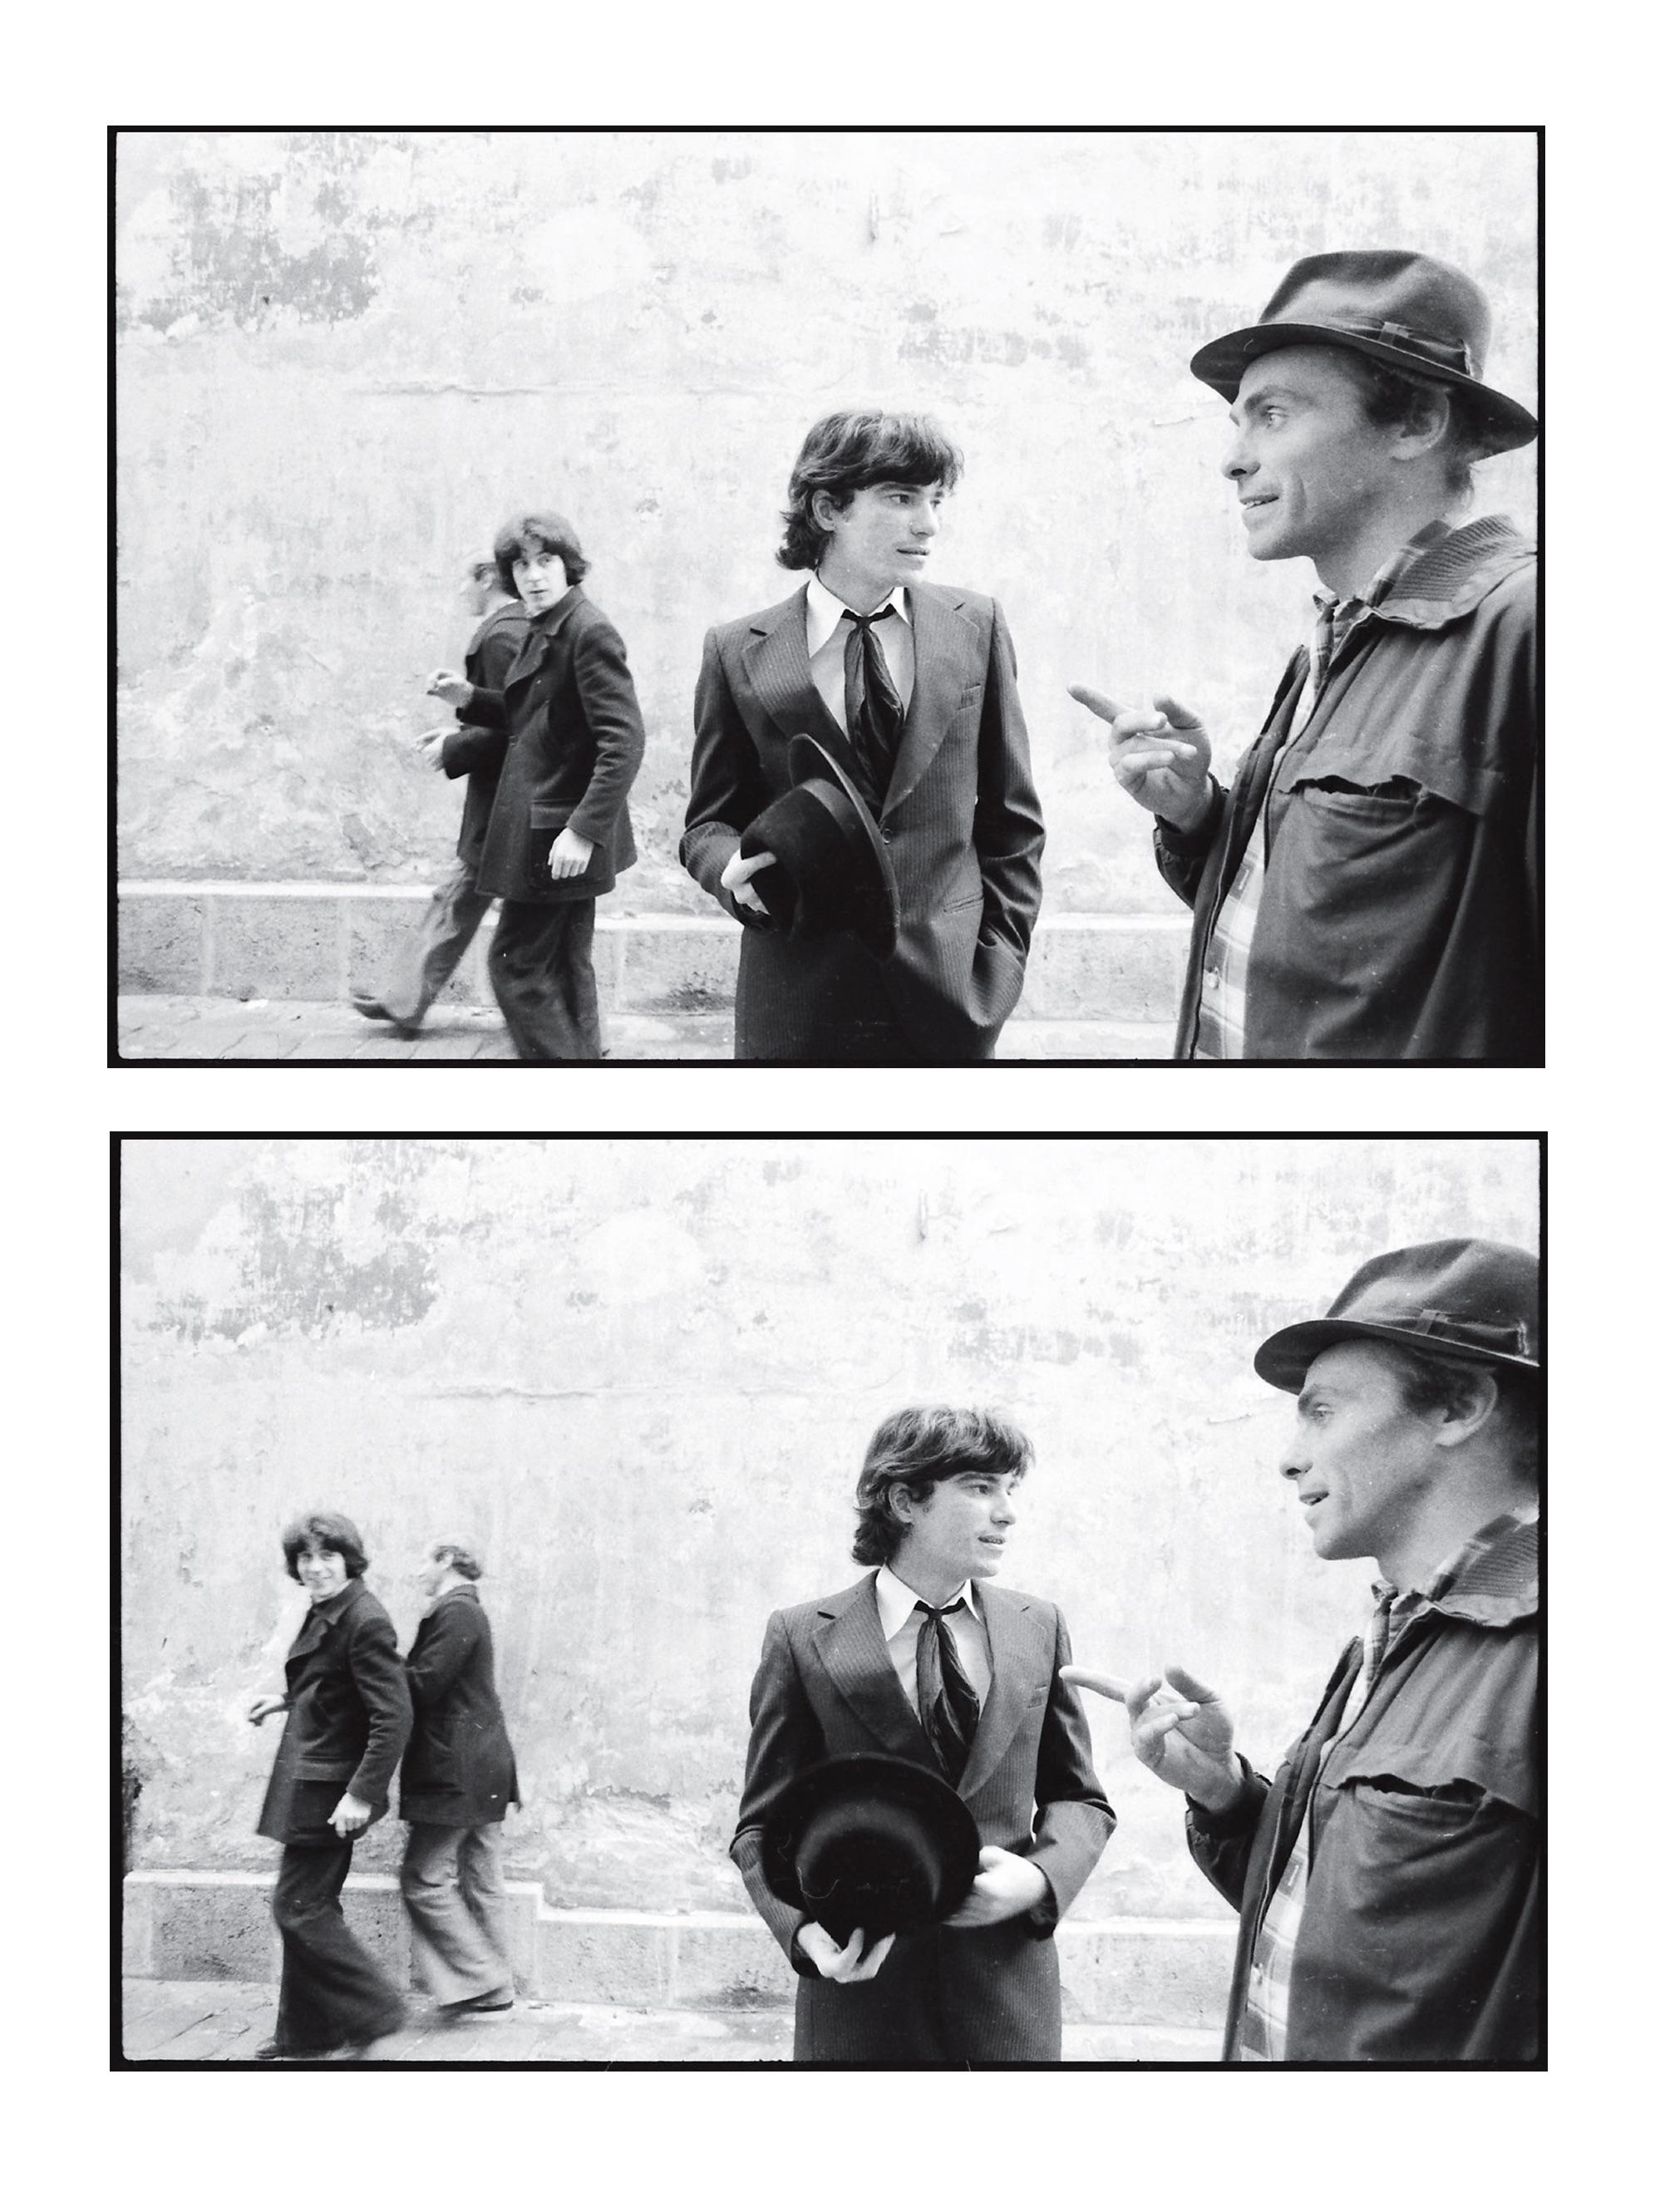 Fotó: Bereményi Géza – Vető János: Antoine és Desiré – Fényképregény az 1970-es évekből. Corvina kiadó, Budapest, 2017. 123. o.